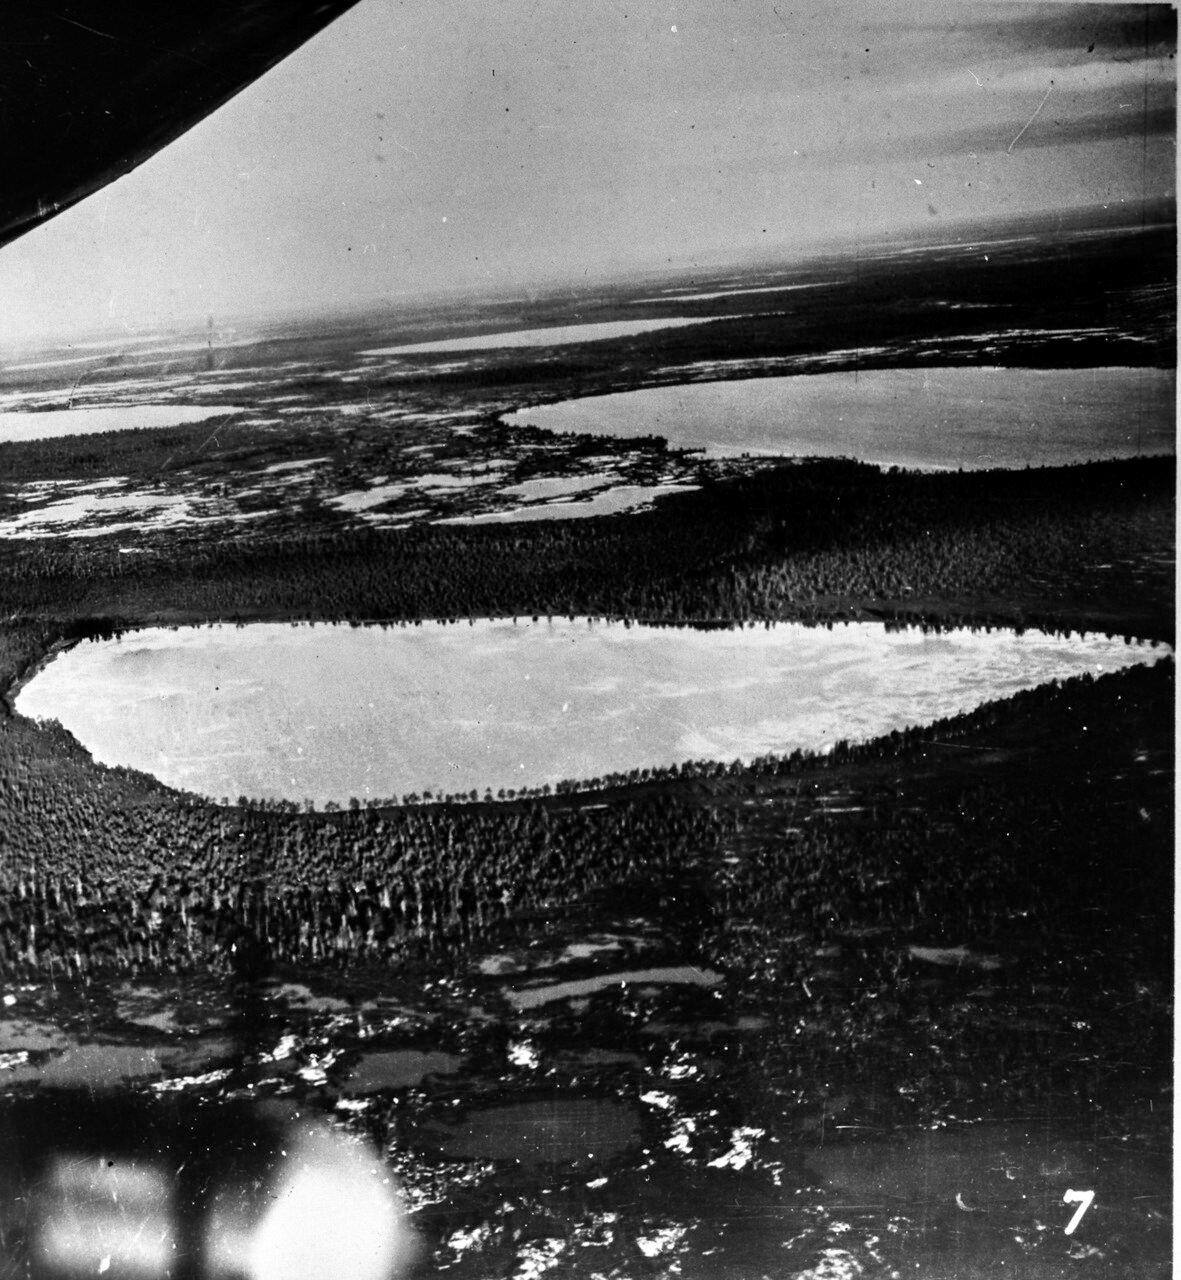 1931. Таймыр. Вид с воздуха на болотистую местность. Во многих районах вода чередуется с зарослями деревьев